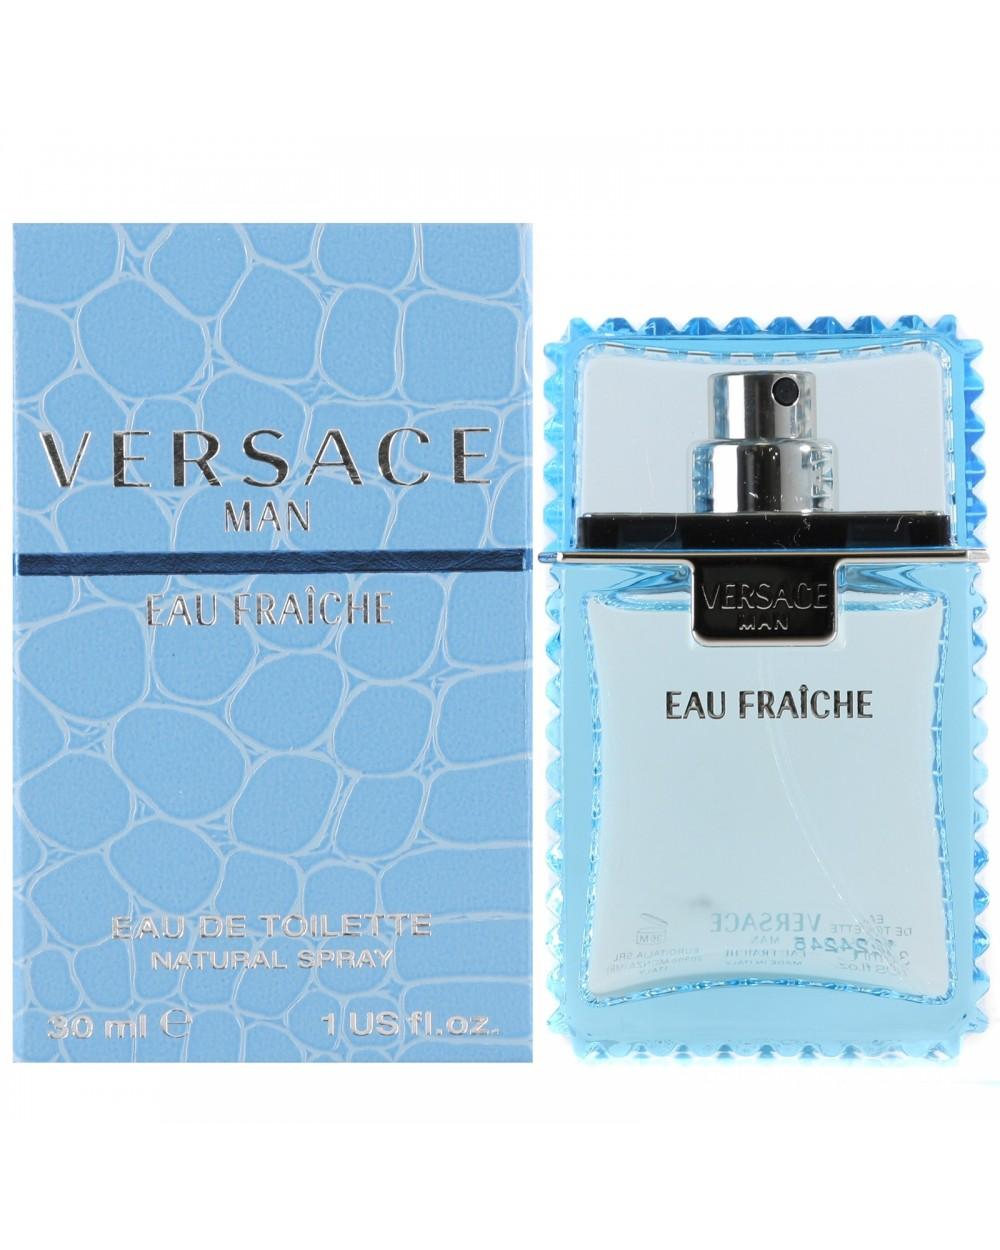 Versace Man Eau Fraiche Eau De Toilette 30ml Sovrana Parfums